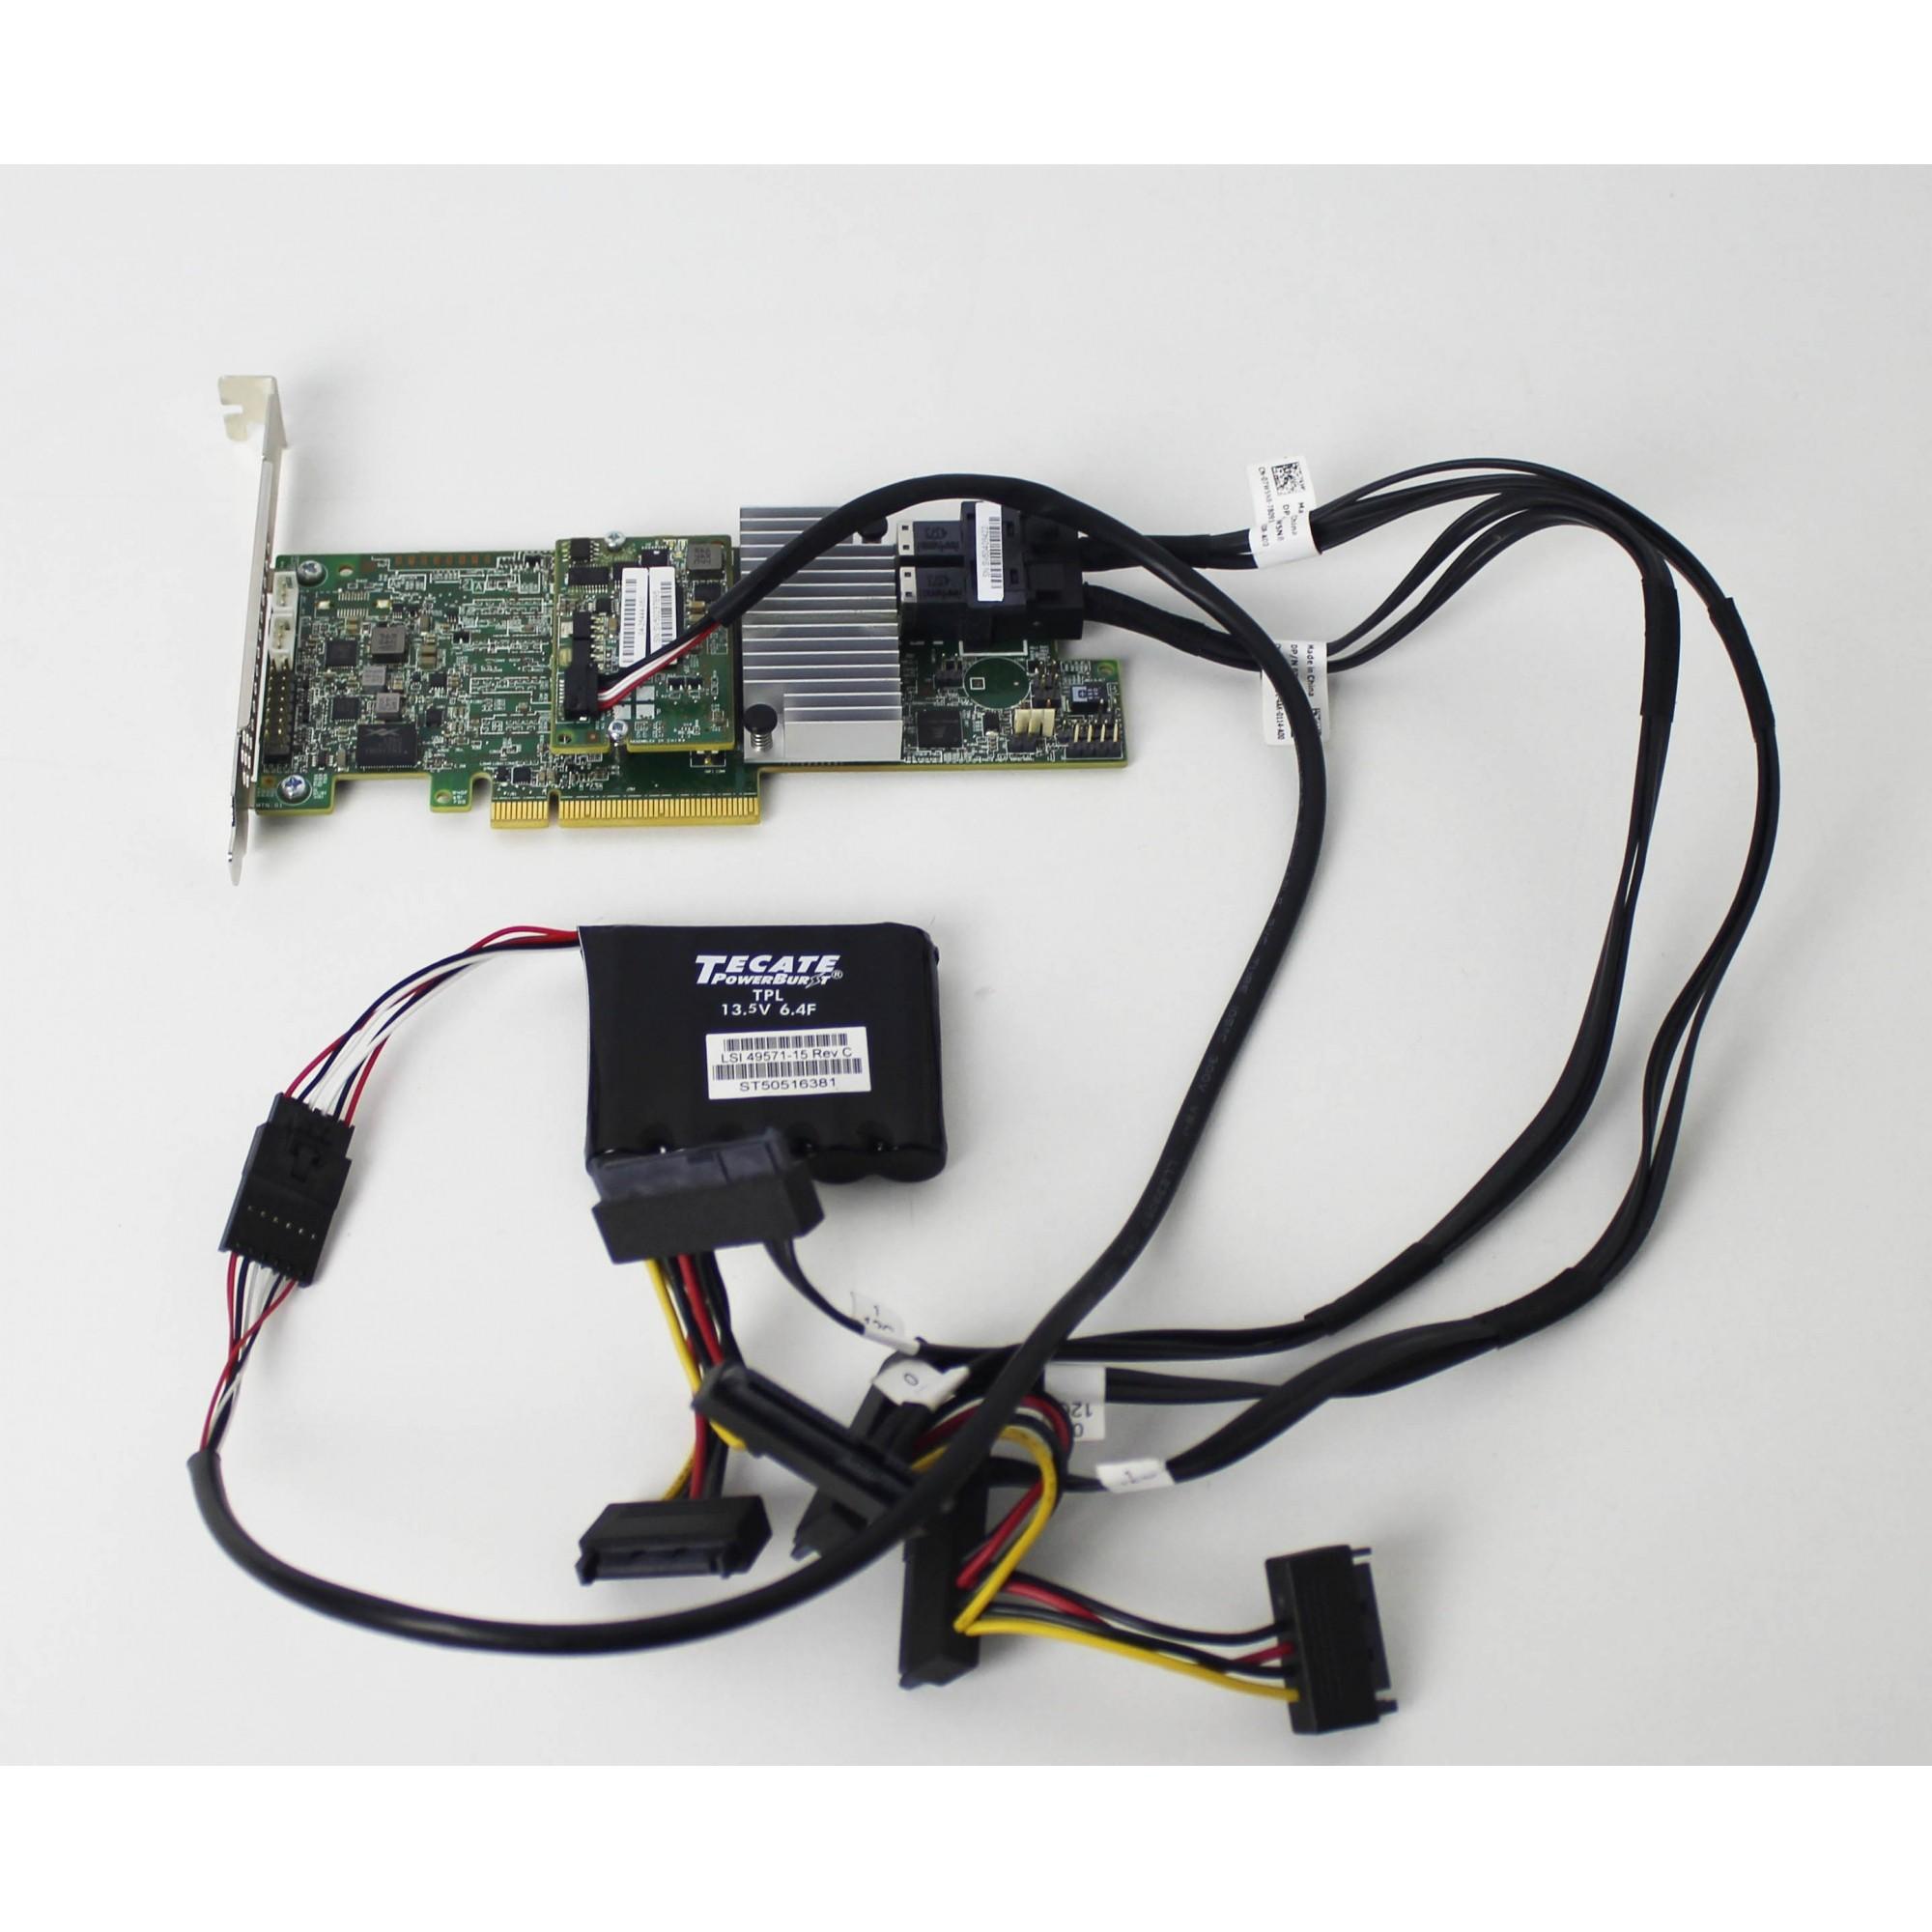 Controladora Dell 0mm445 Megaraid Lsi 9361-8i Sas C/ Backup